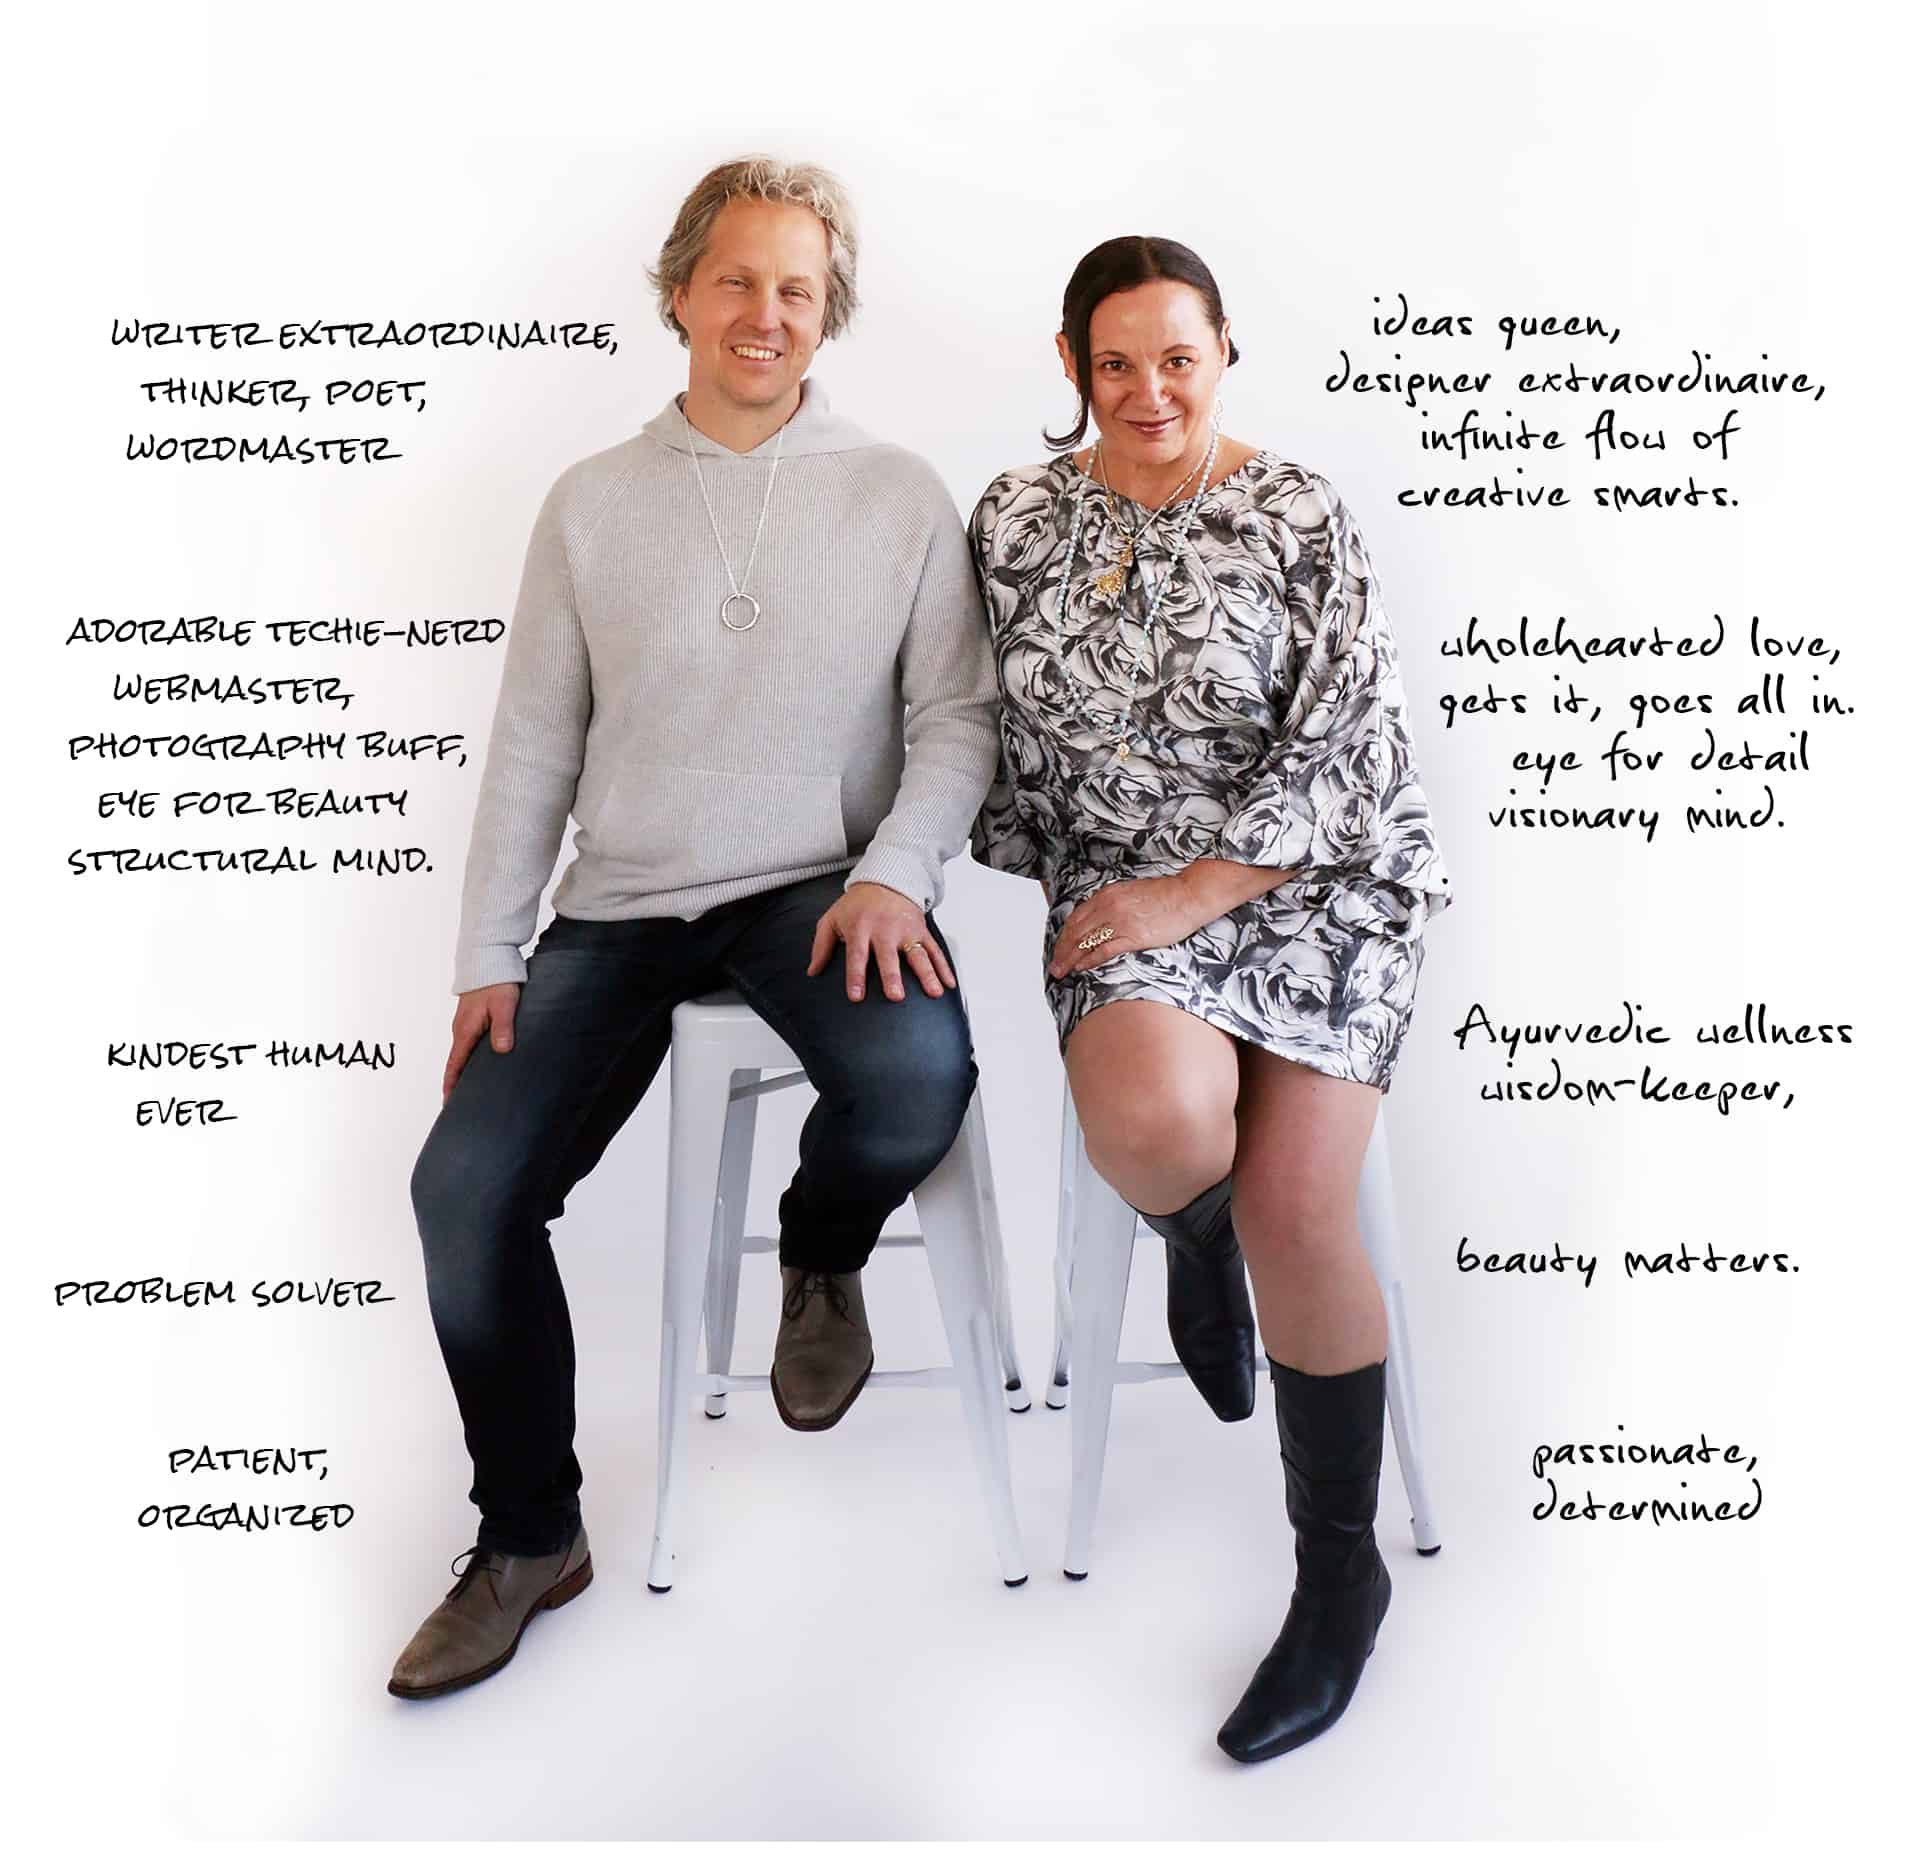 Dave & Glynn - The WellBrand Team